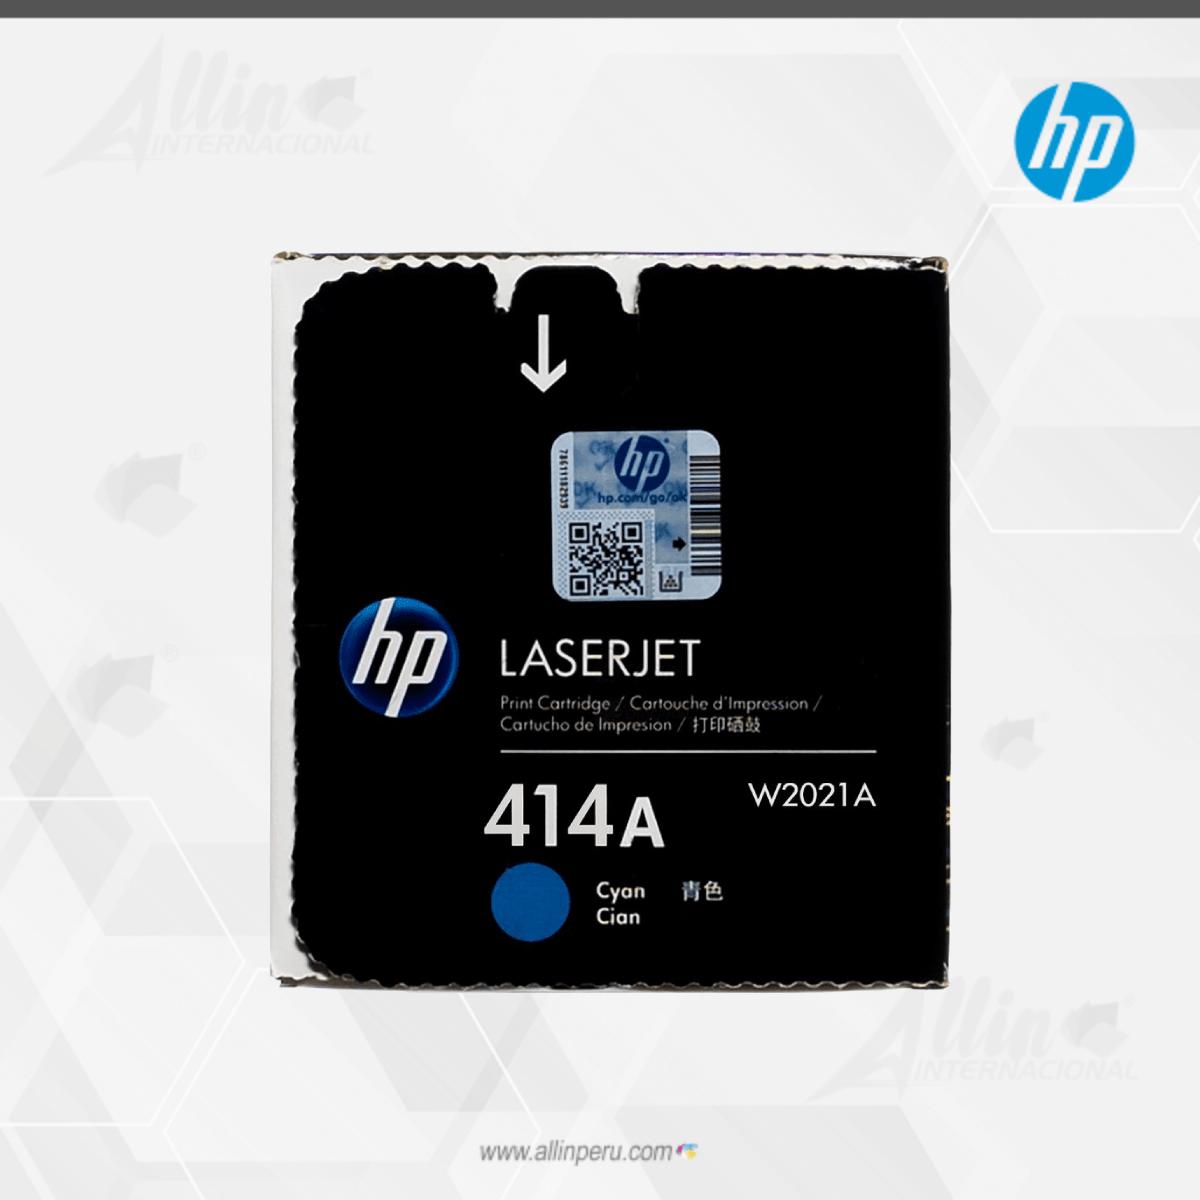 Toner HP 414A Cian W2021A